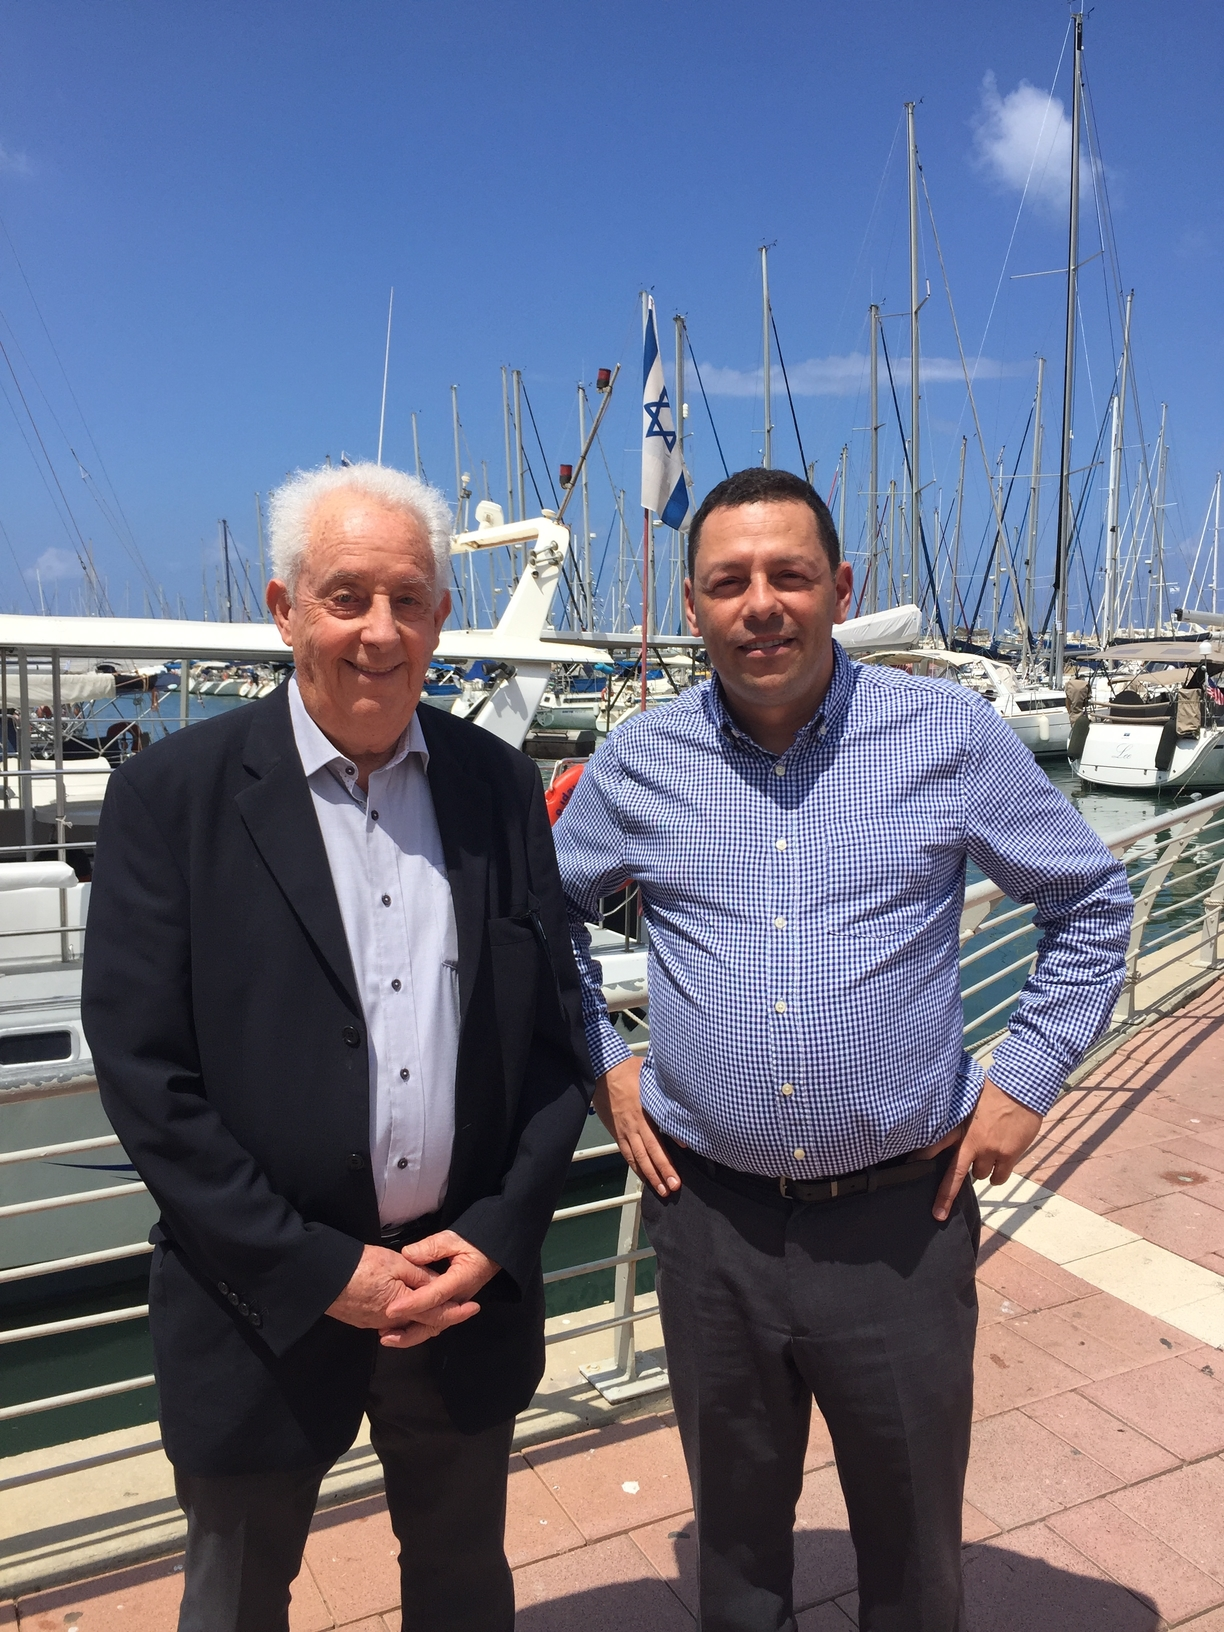 Israeli water expert, Professor Avner Adin, and Senior Advisor to Montana Governor Bullock, Eric Stern, in Tel Aviv.